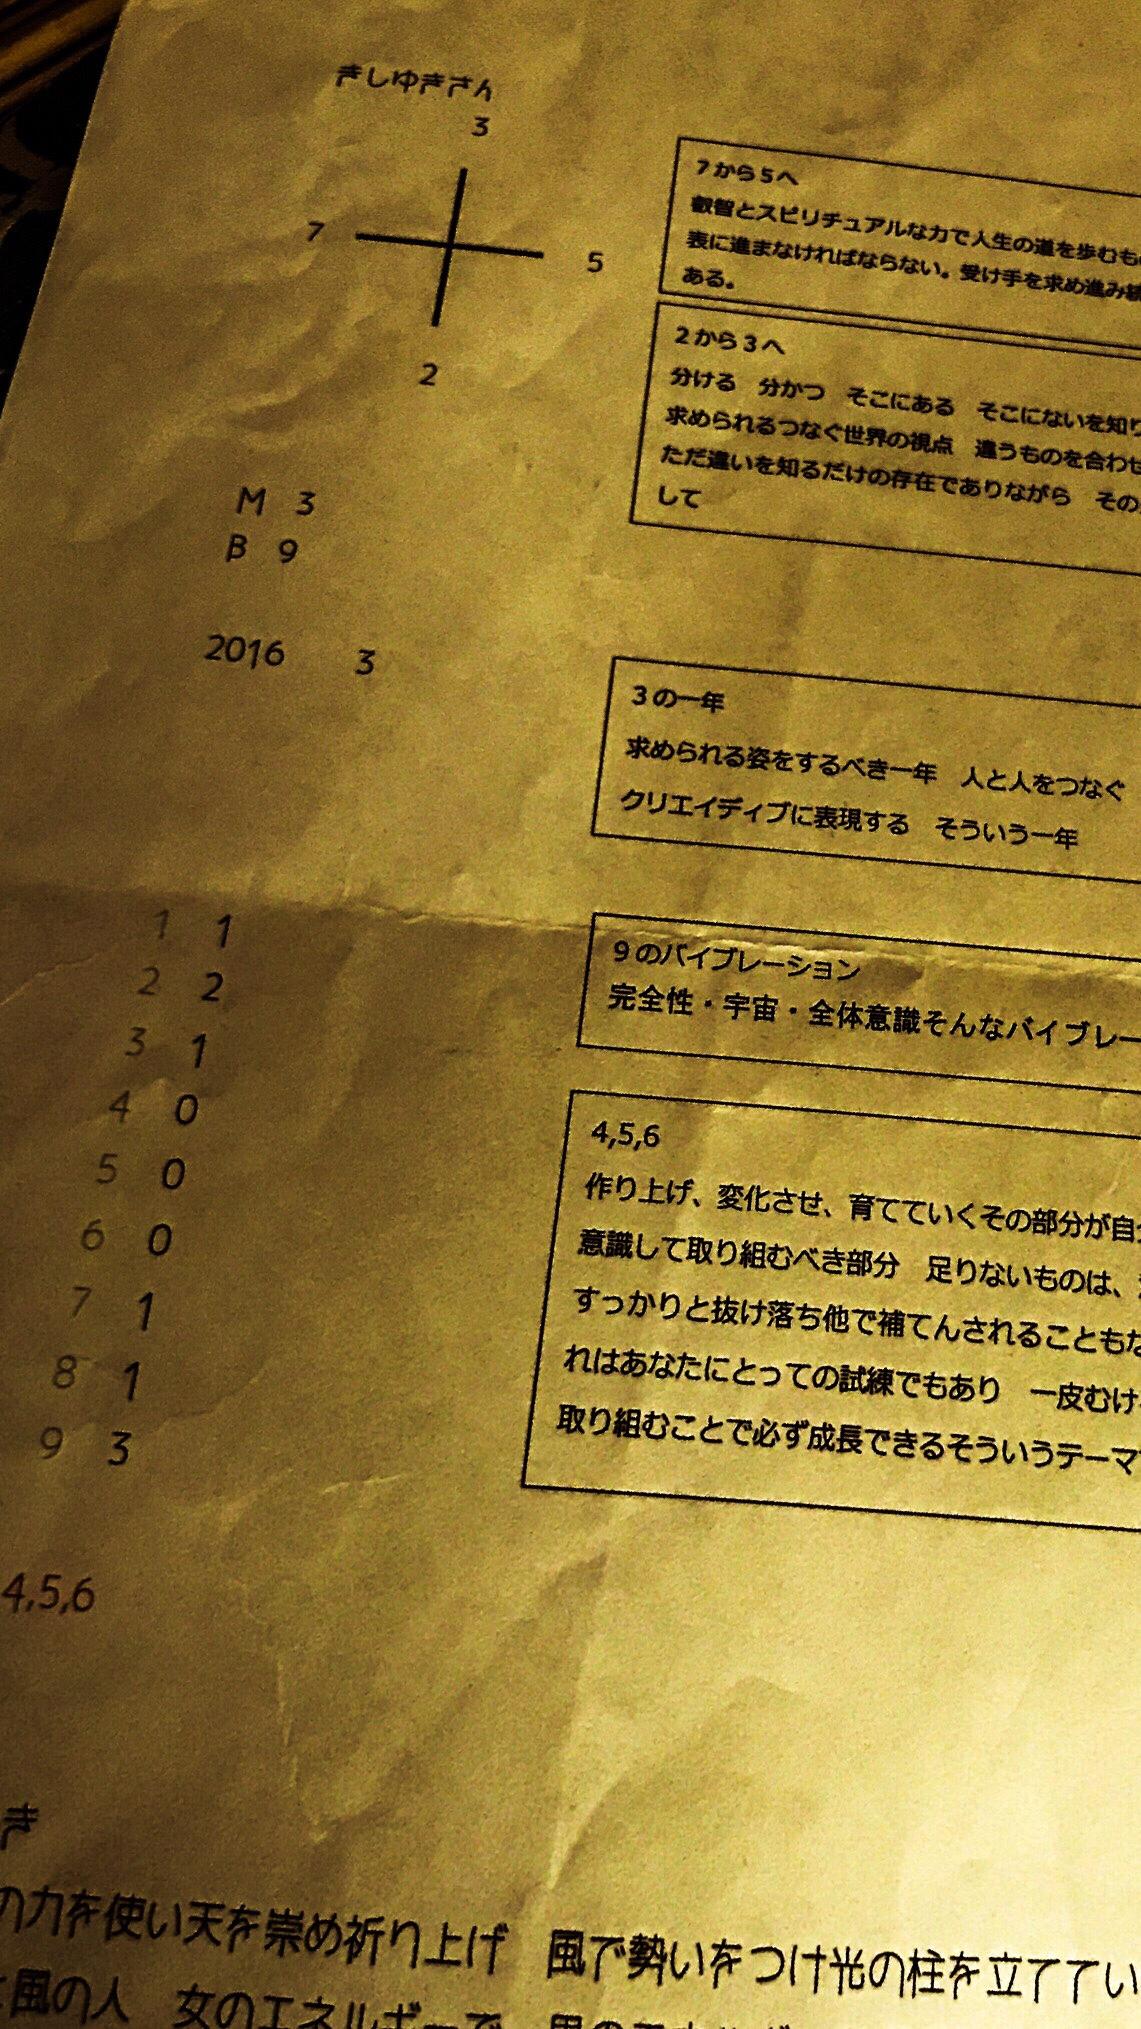 現代数秘術 Plus   〜light〜